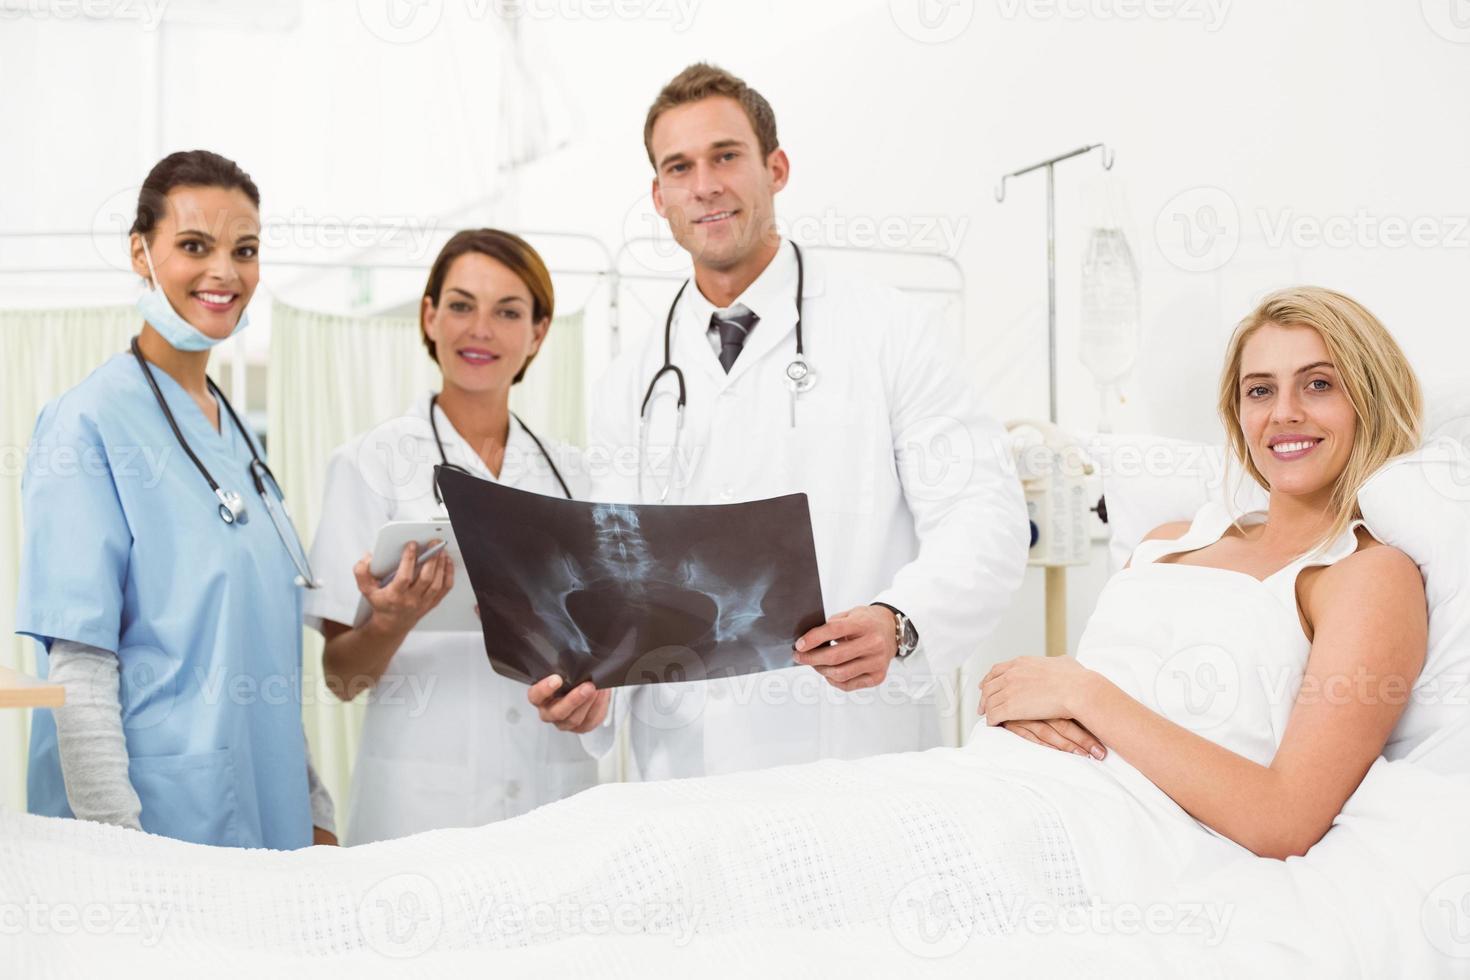 retrato de médicos e pacientes com raio-x foto